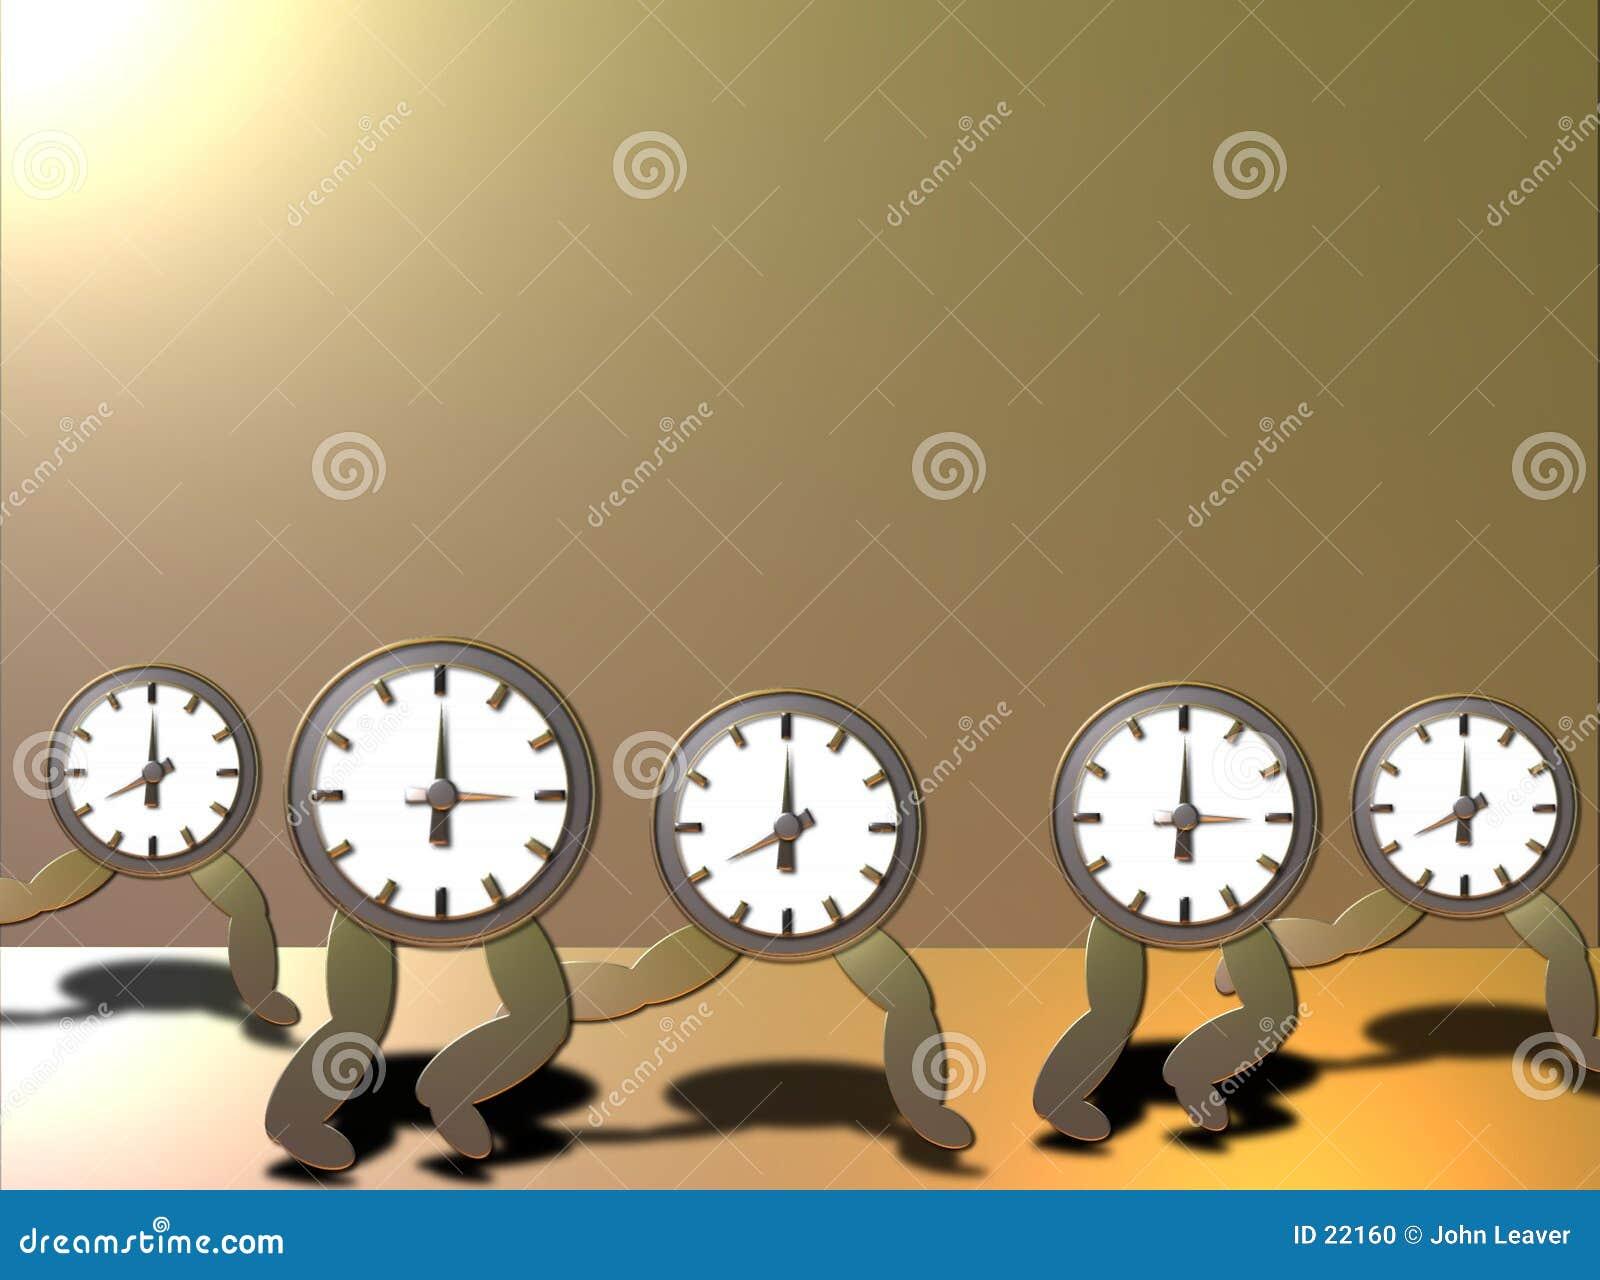 Ut running tid